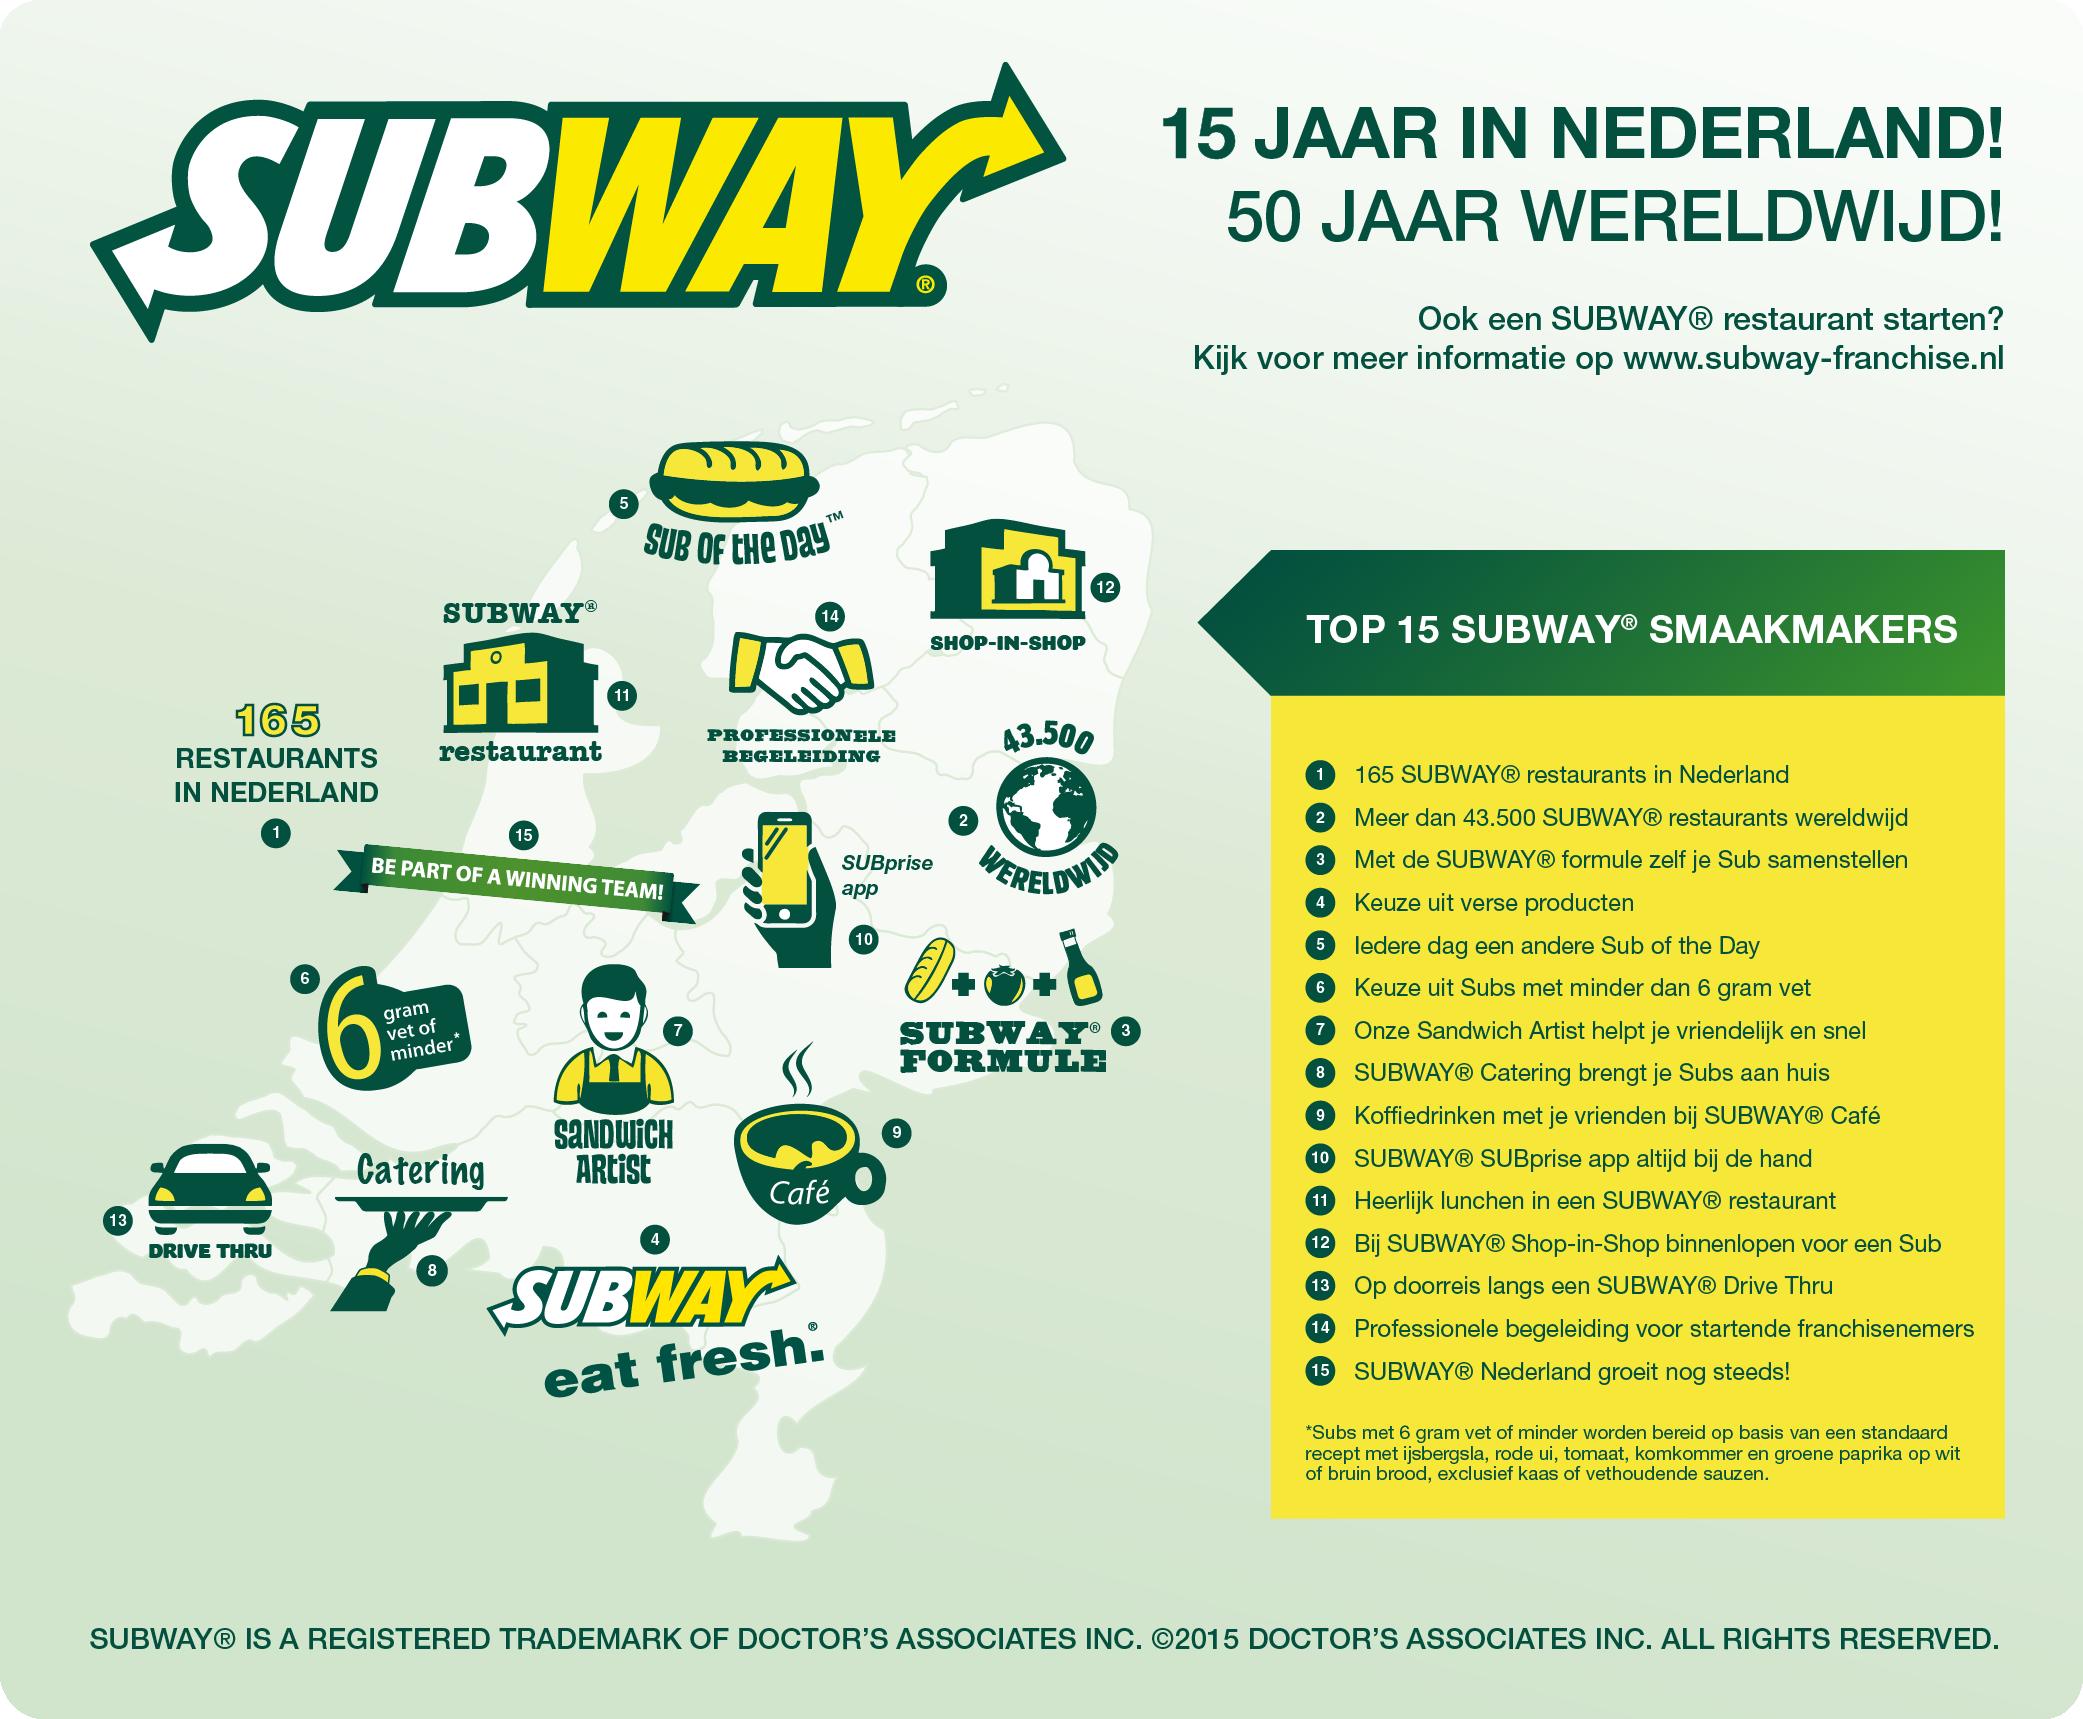 SUBWAY® bestaat 15 jaar in Nederland. Er zijn op dit moment in ons land 165 vestigingen. Over de hele wereld (in 109 landen) zijn er ruim 43.500 SUBWAY® restaurants. Bron: FranchiseFormules.NL